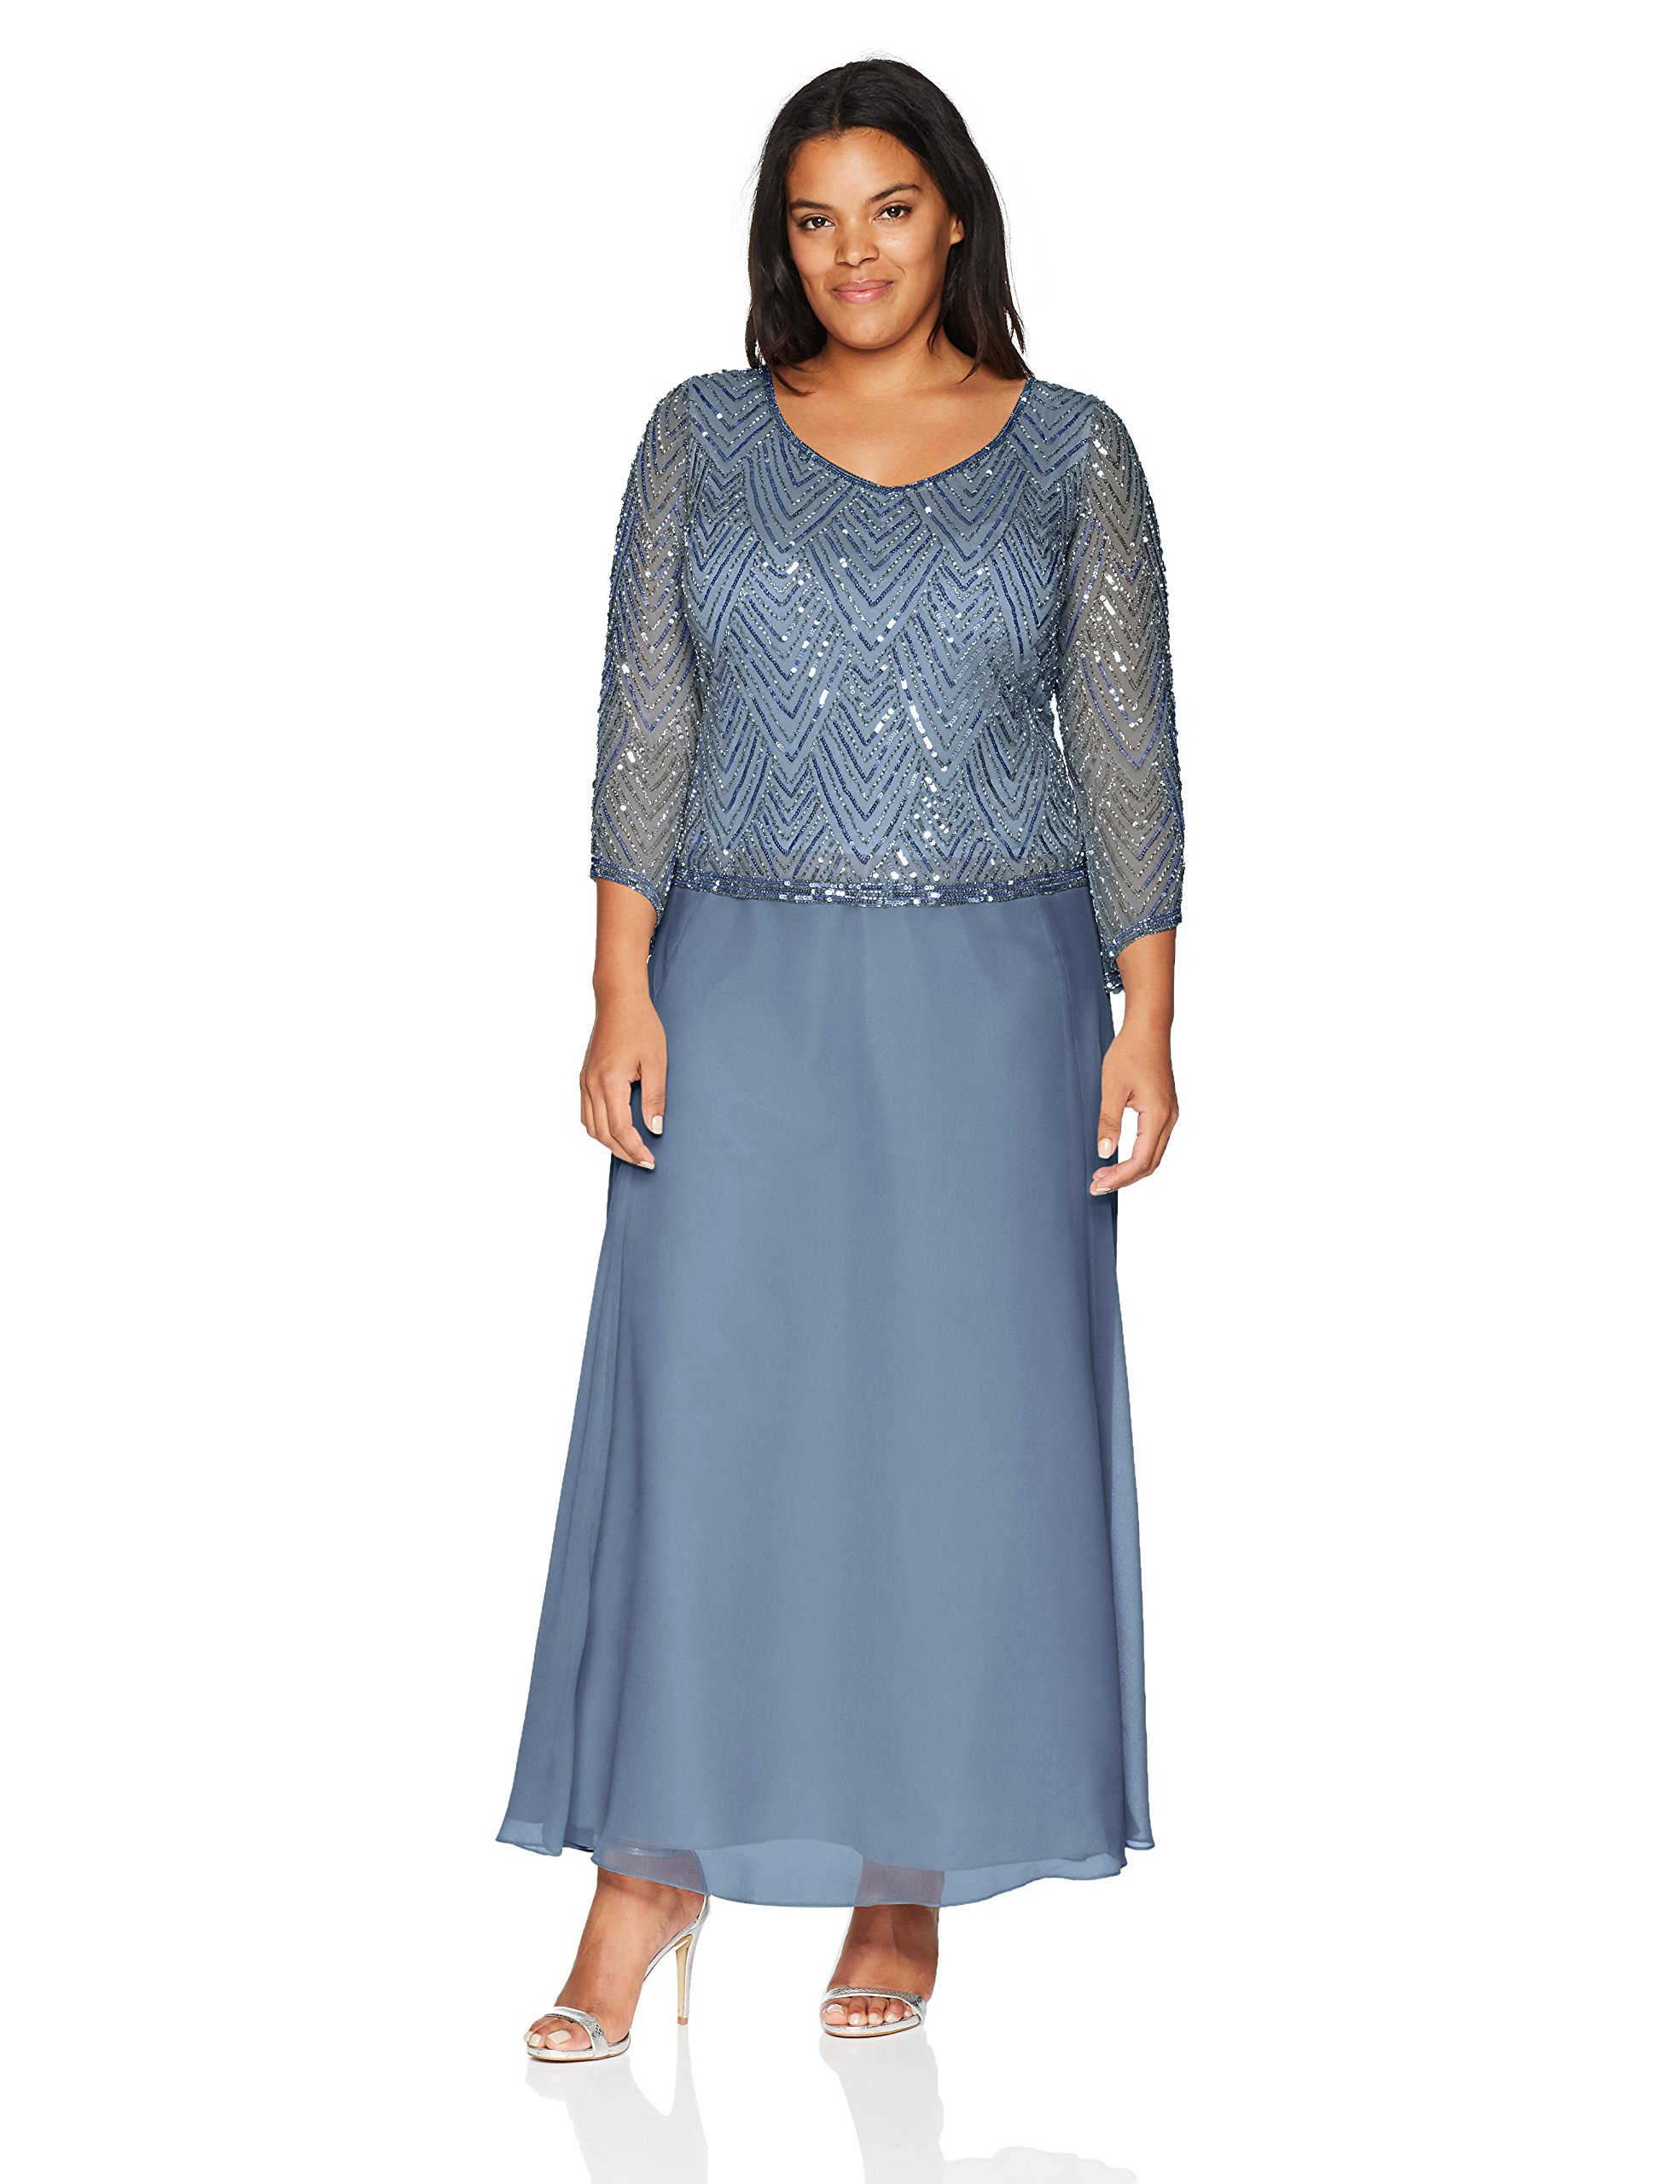 J Kara Women's Plus Size Scoop Neck 3/4 Sleeve Beaded Dress, Dusty Blue/Blue/Silver, 22W